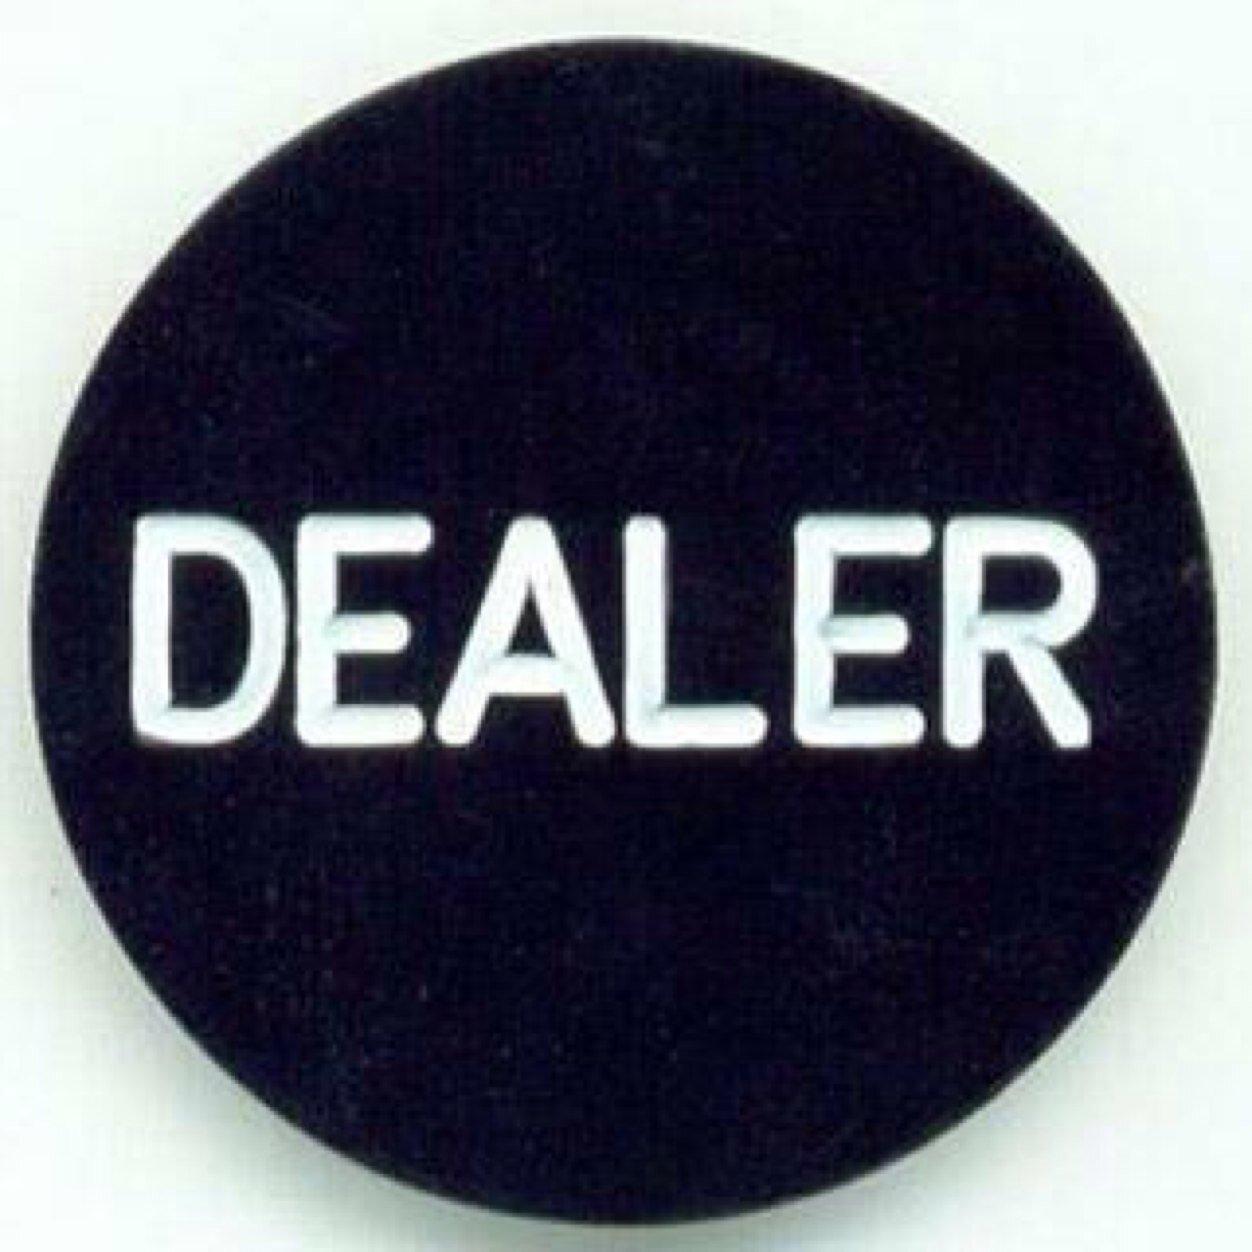 dealer image